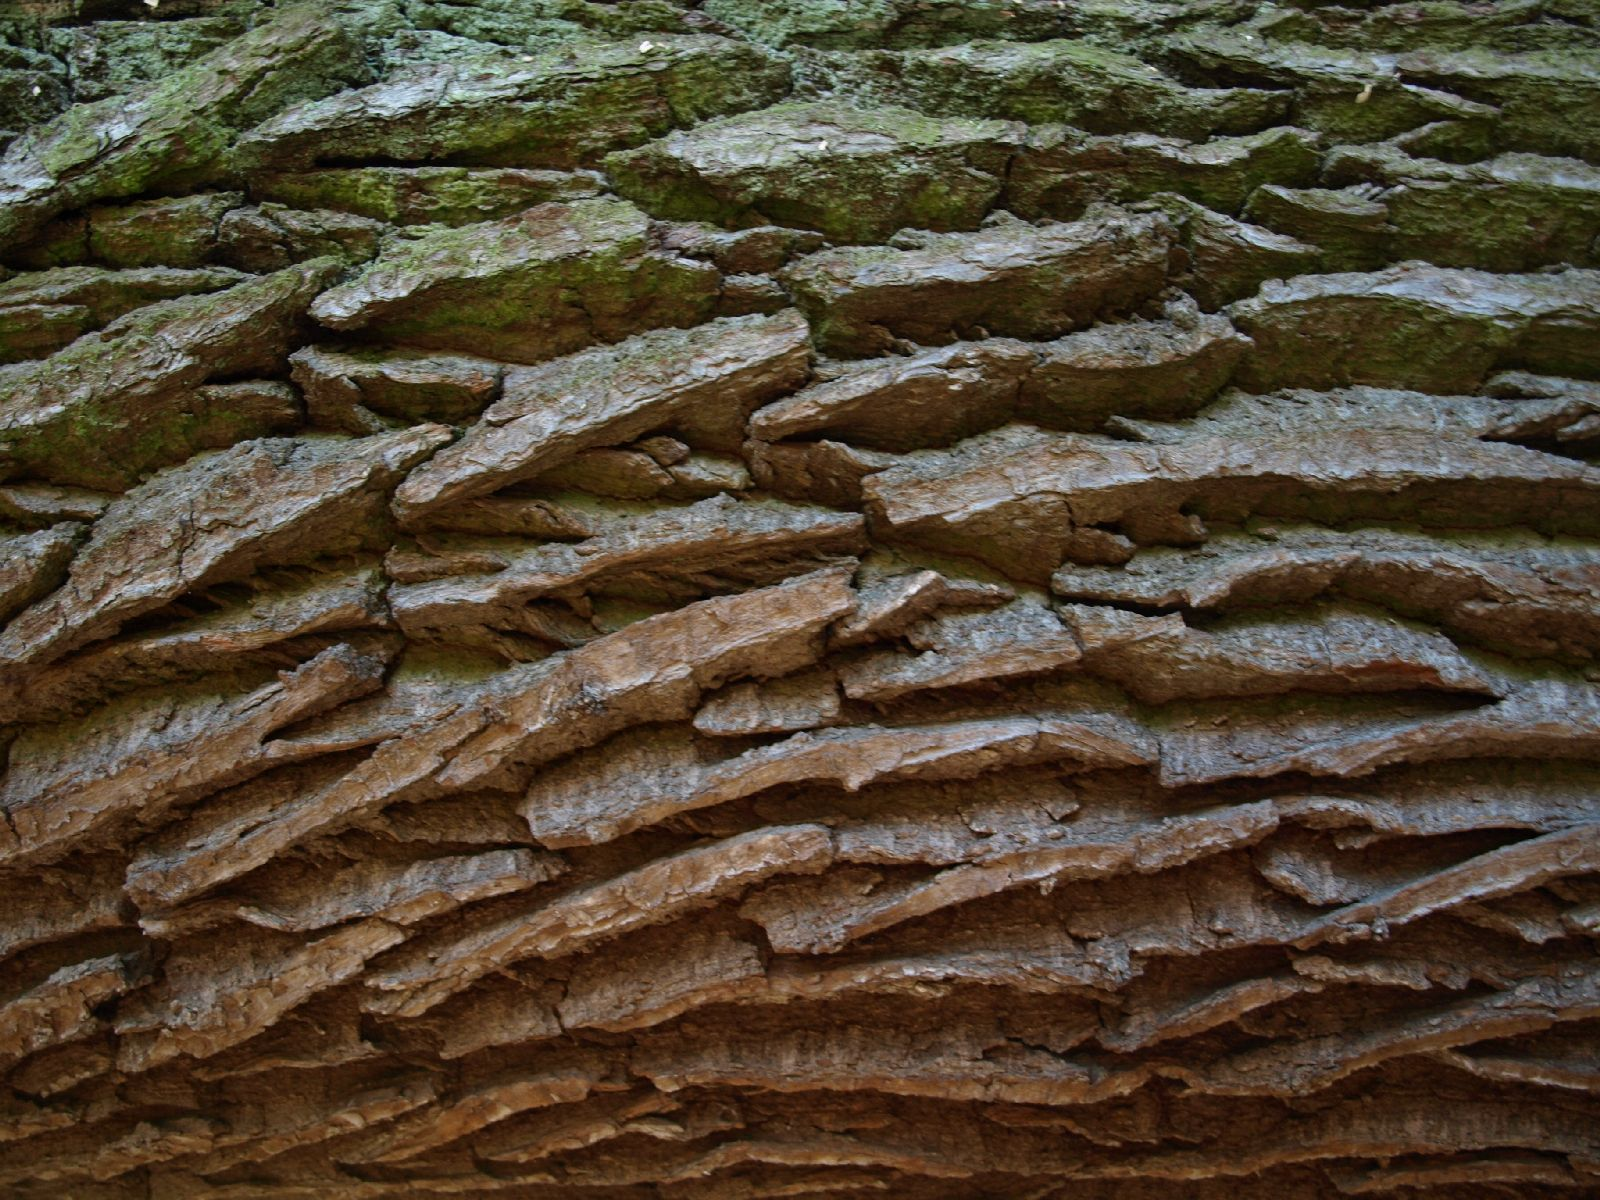 Baum-Rinde_Textur_A_PA256338